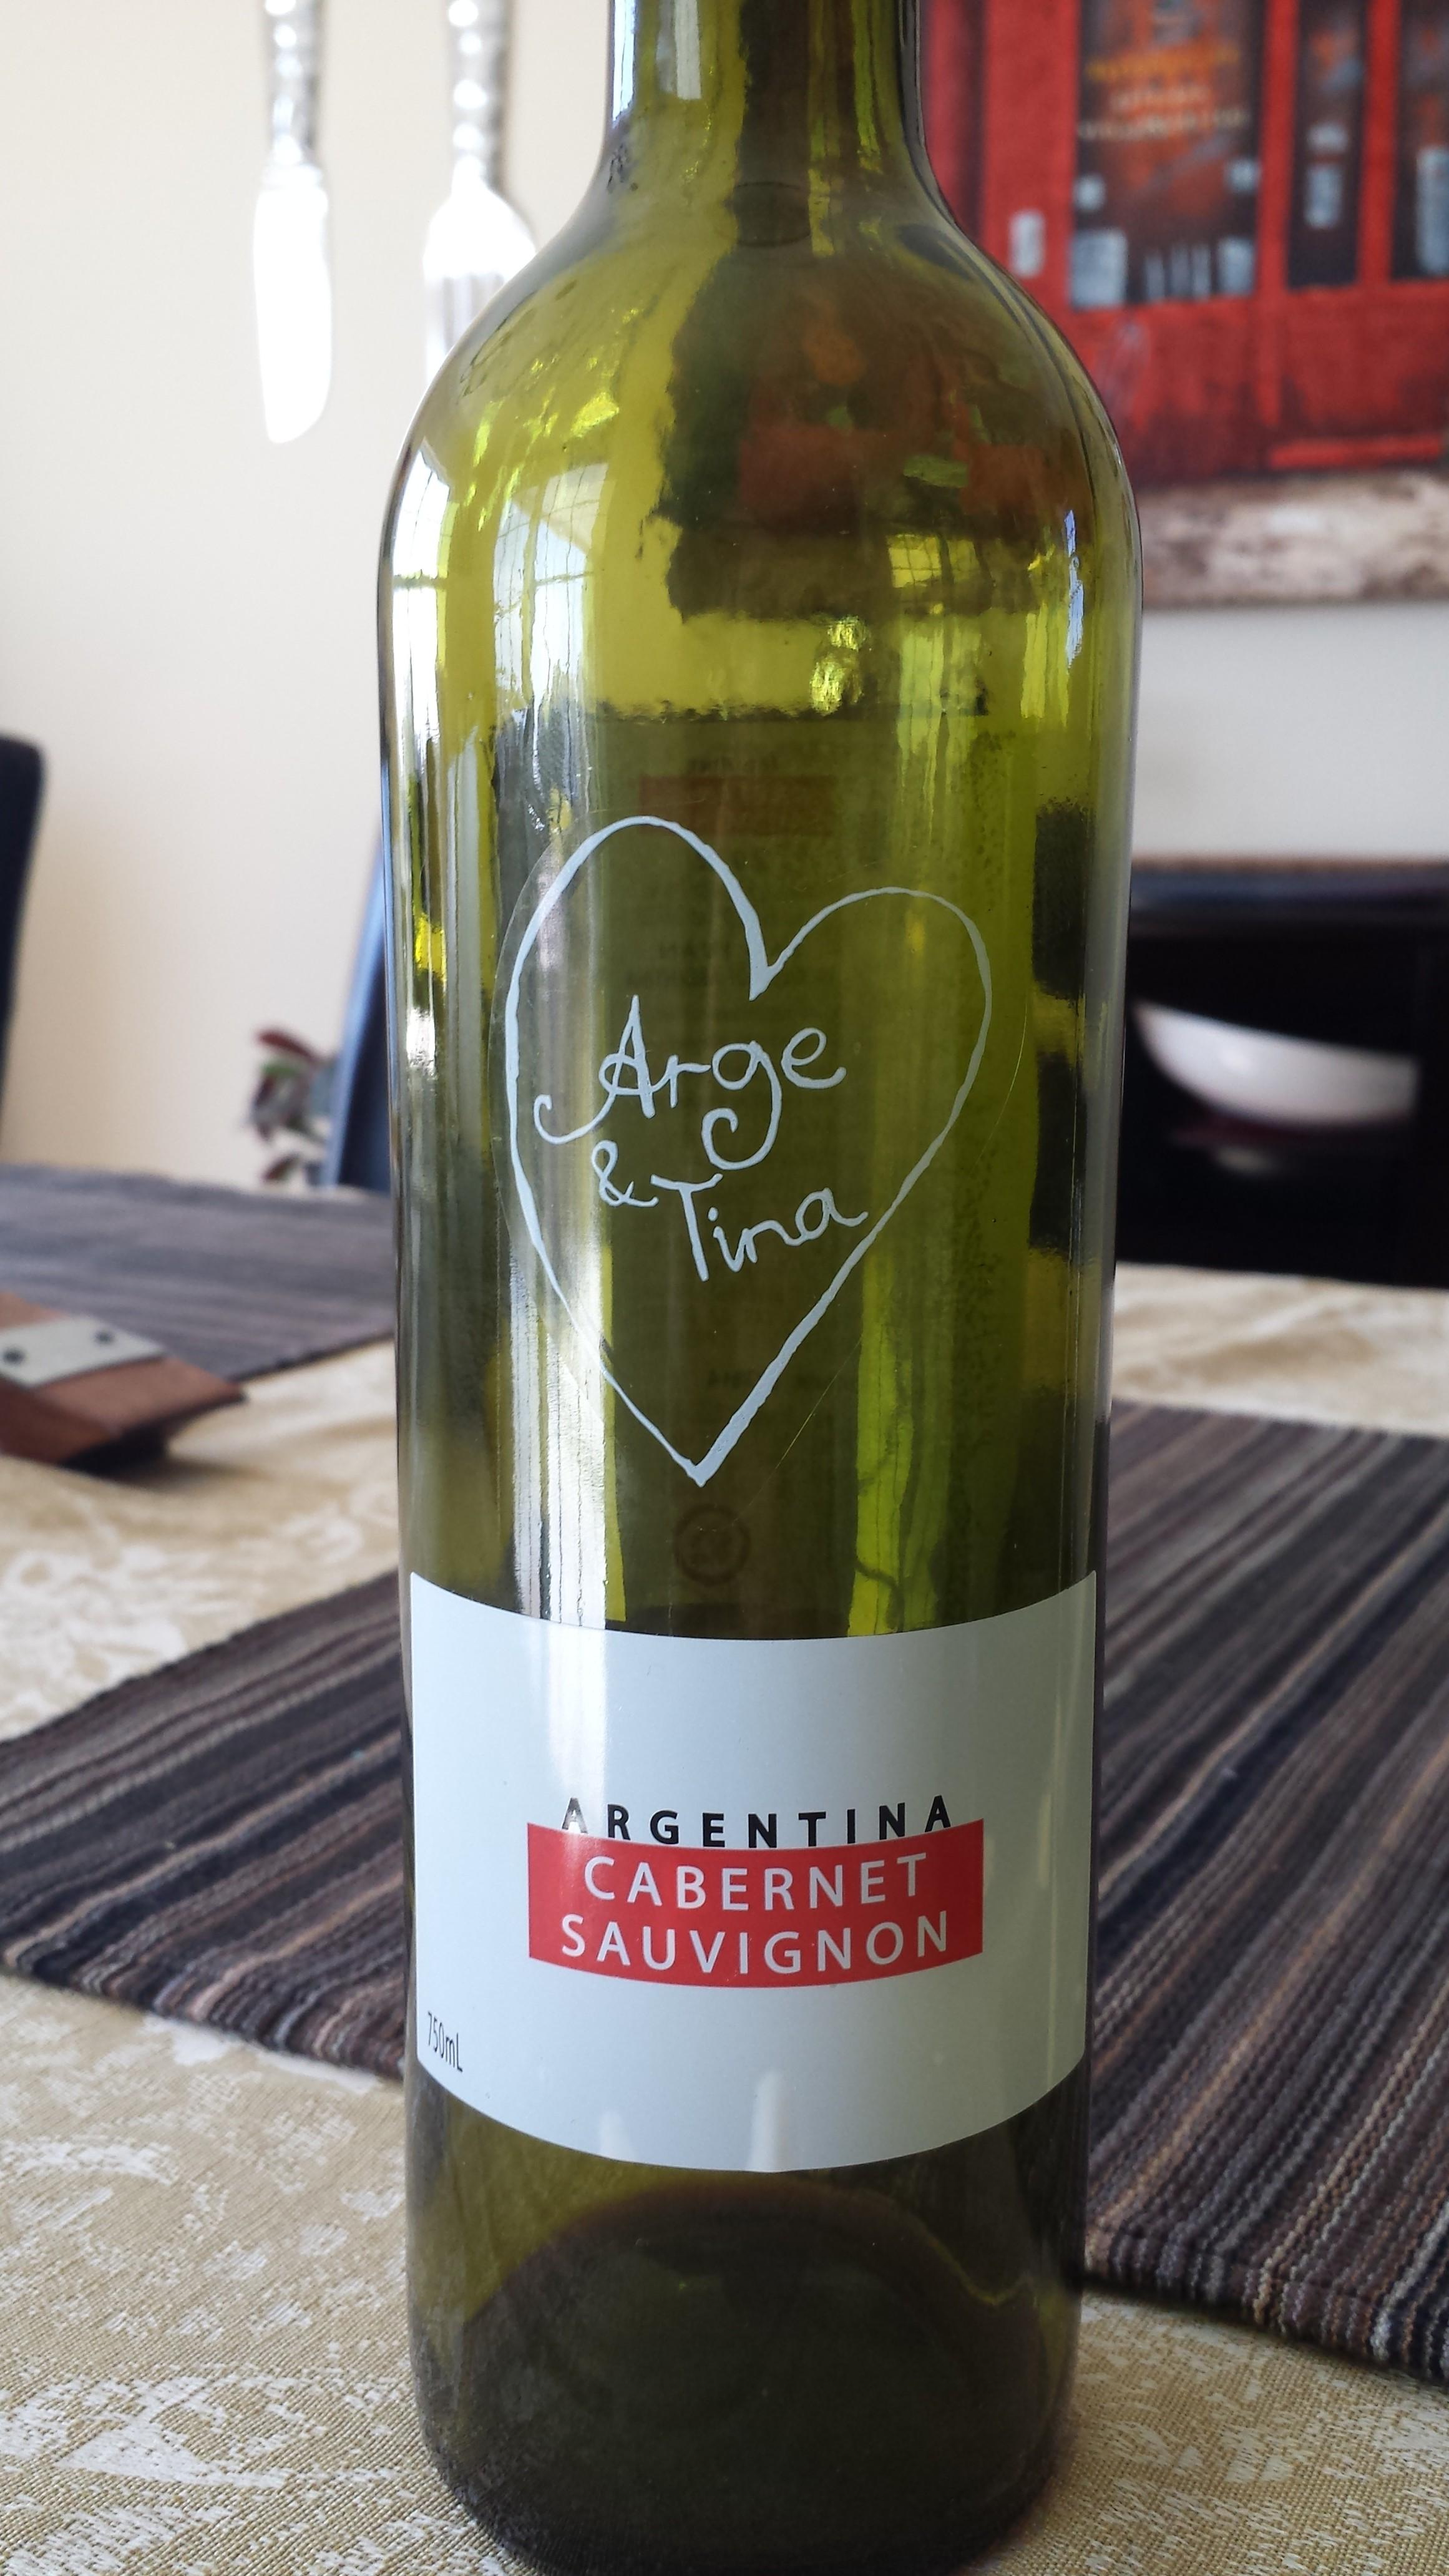 2012 Arge & Tina Cabernet Sauvignon